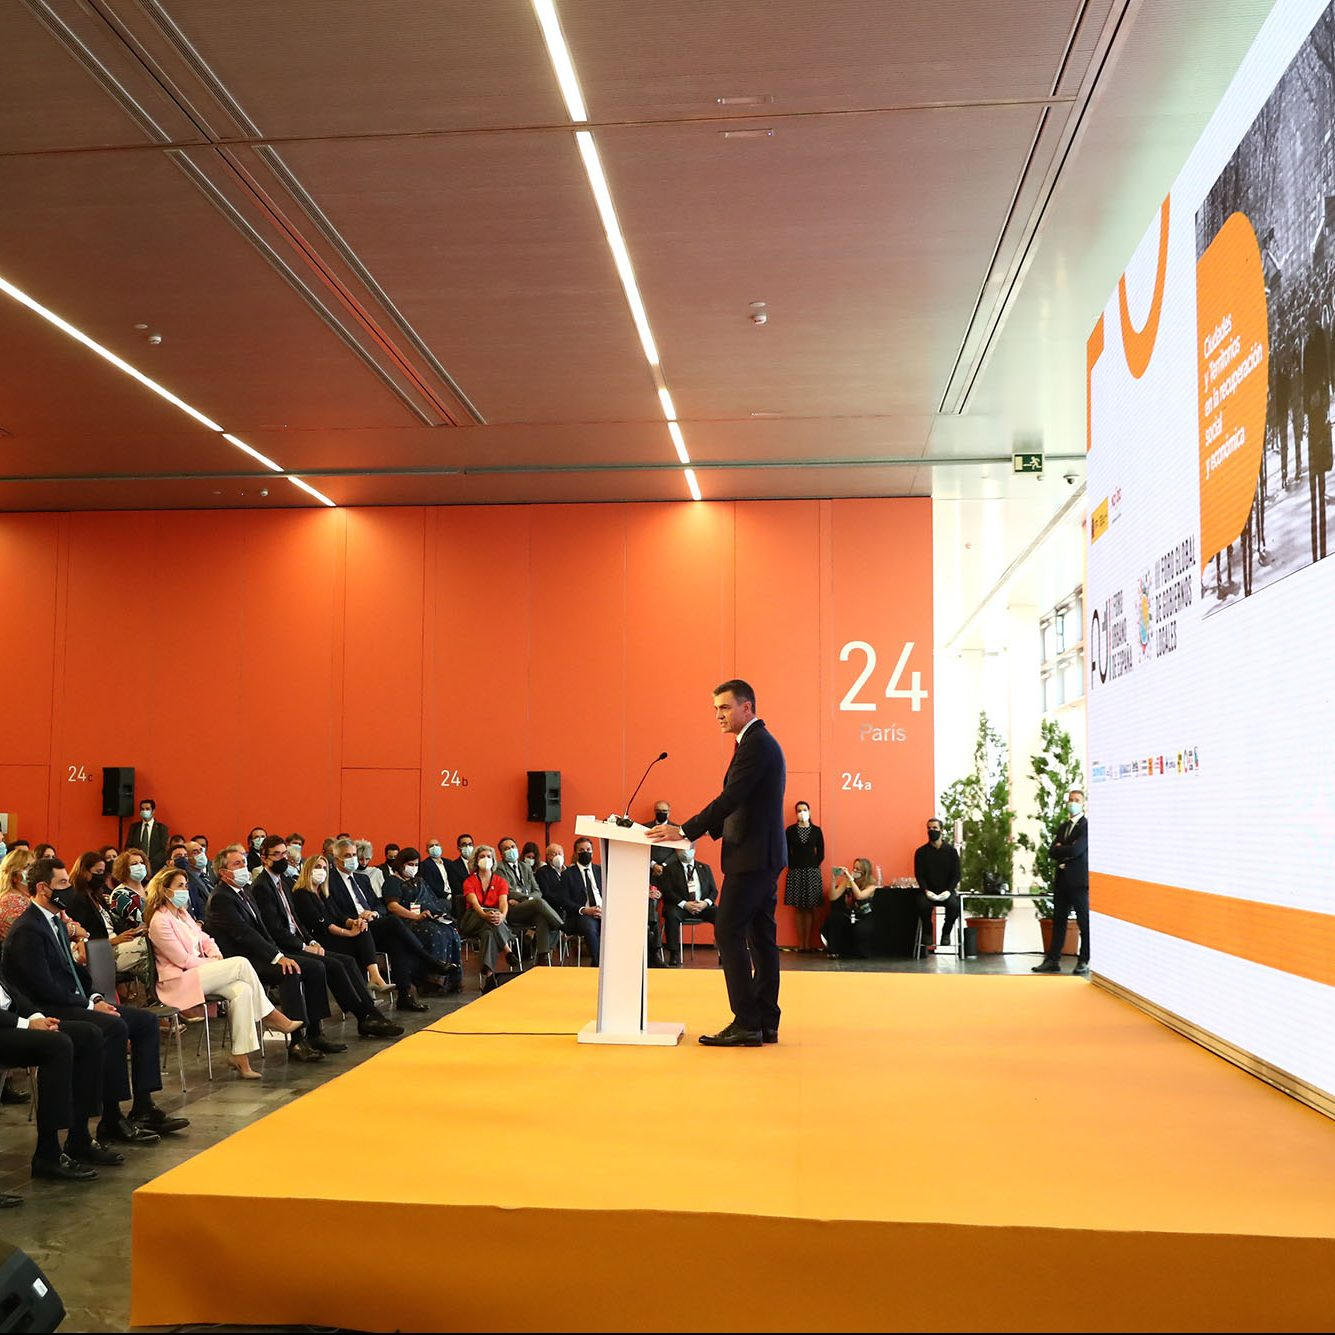 Gobierno de España apoyará a jóvenes para que accedan a una vivienda